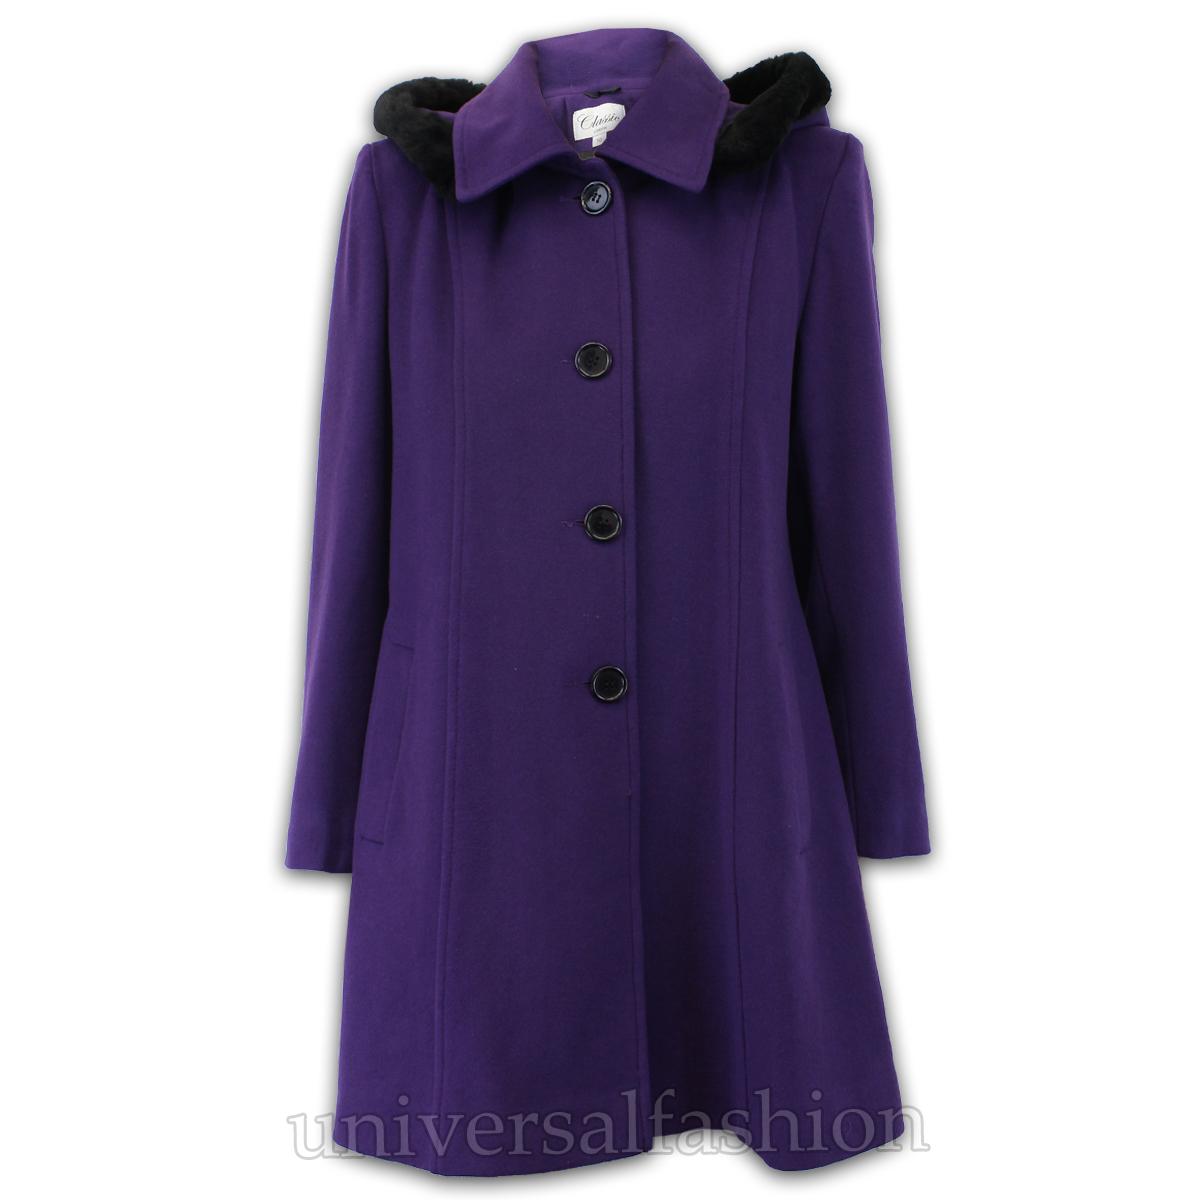 Vêtements, accessoires > Femmes: vêtements > Manteaux, vestes